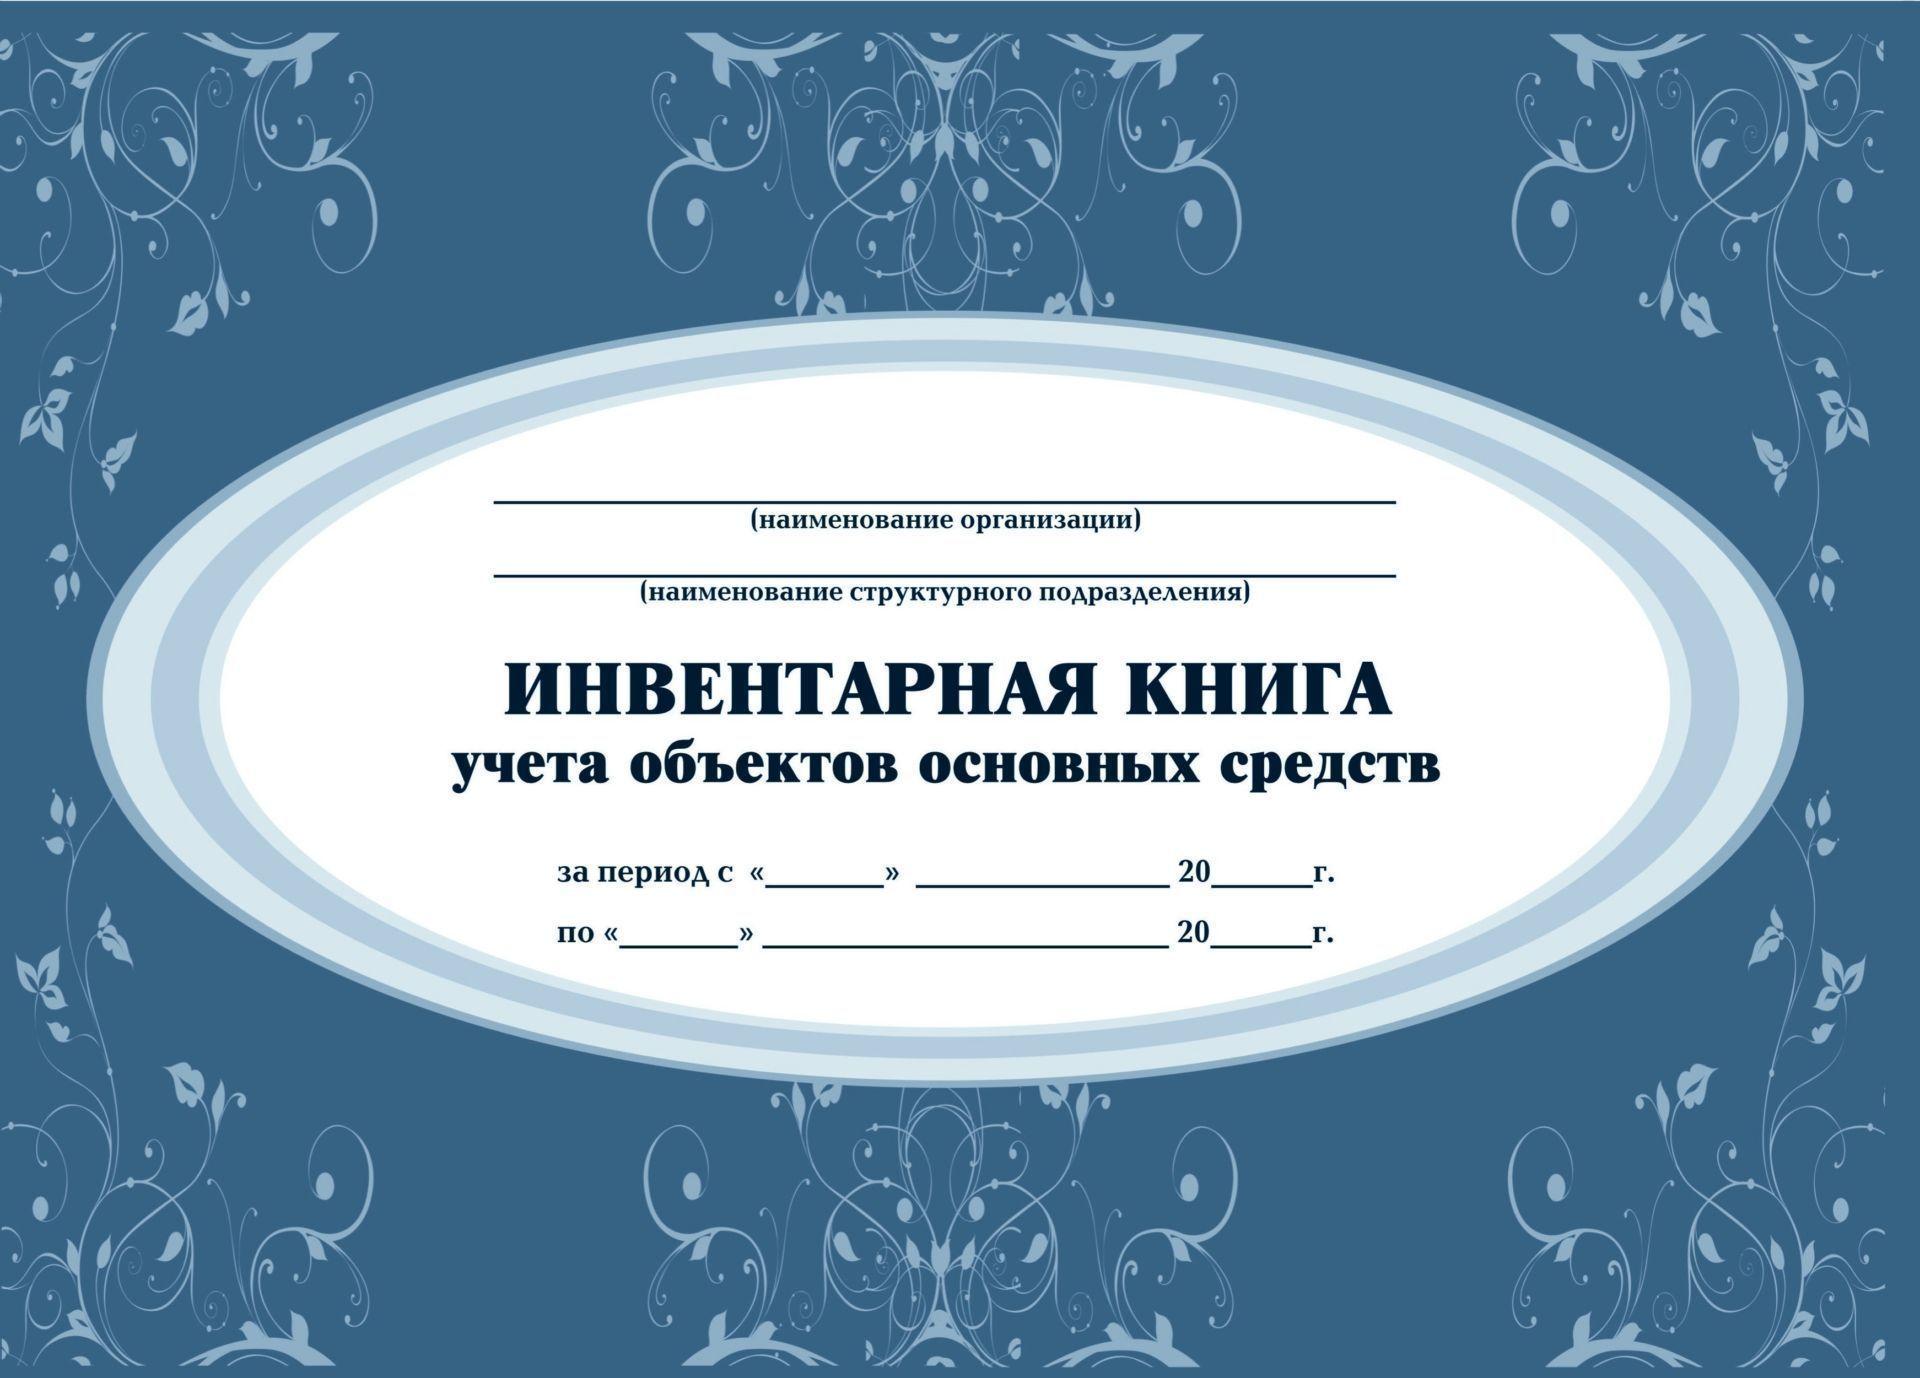 Инвентарная книга учёта объектов основных средств